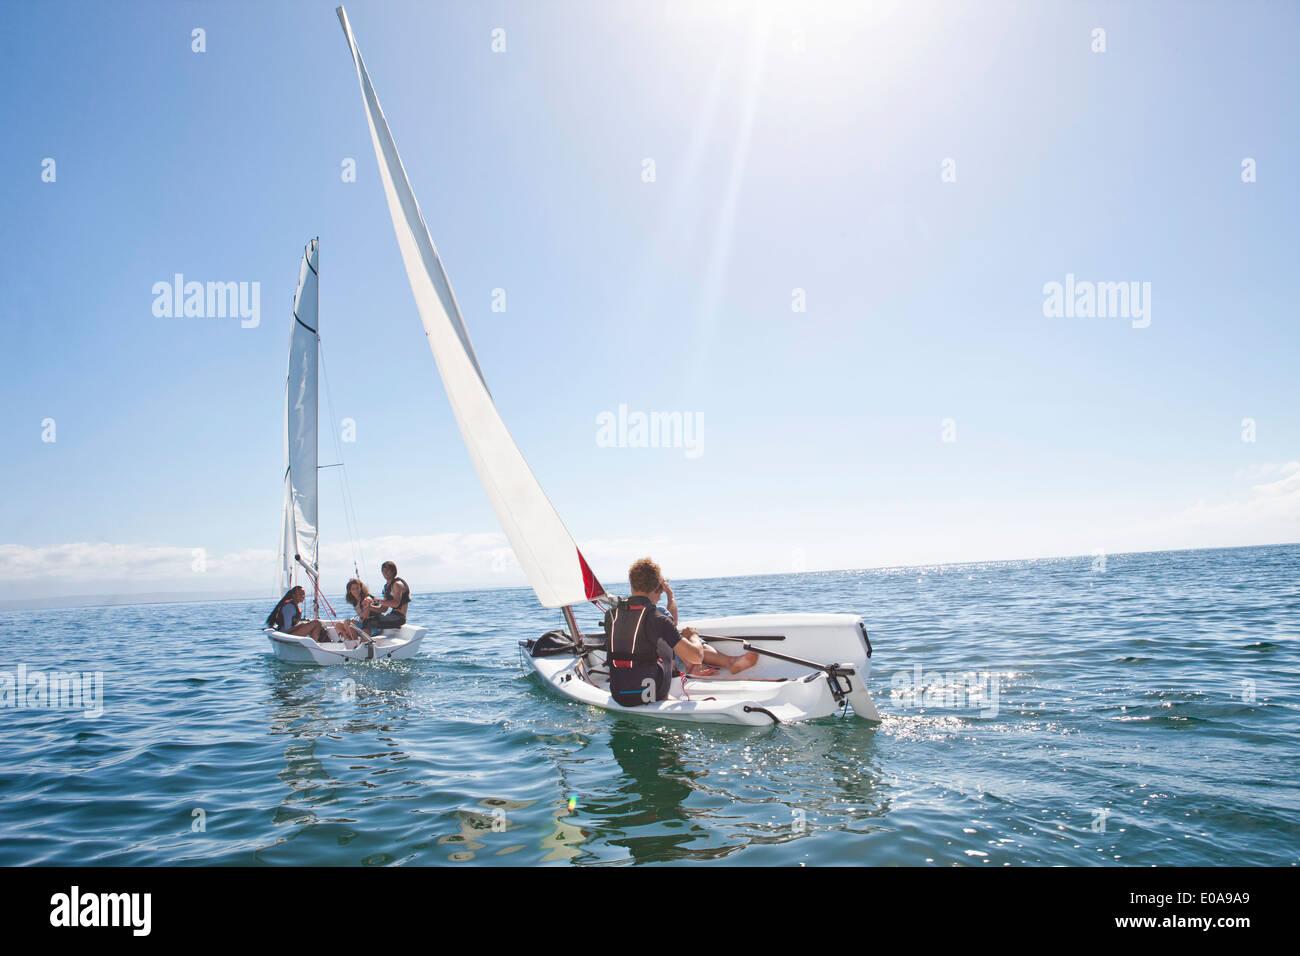 Junge Erwachsene Freunde einander in Segelbooten racing Stockbild